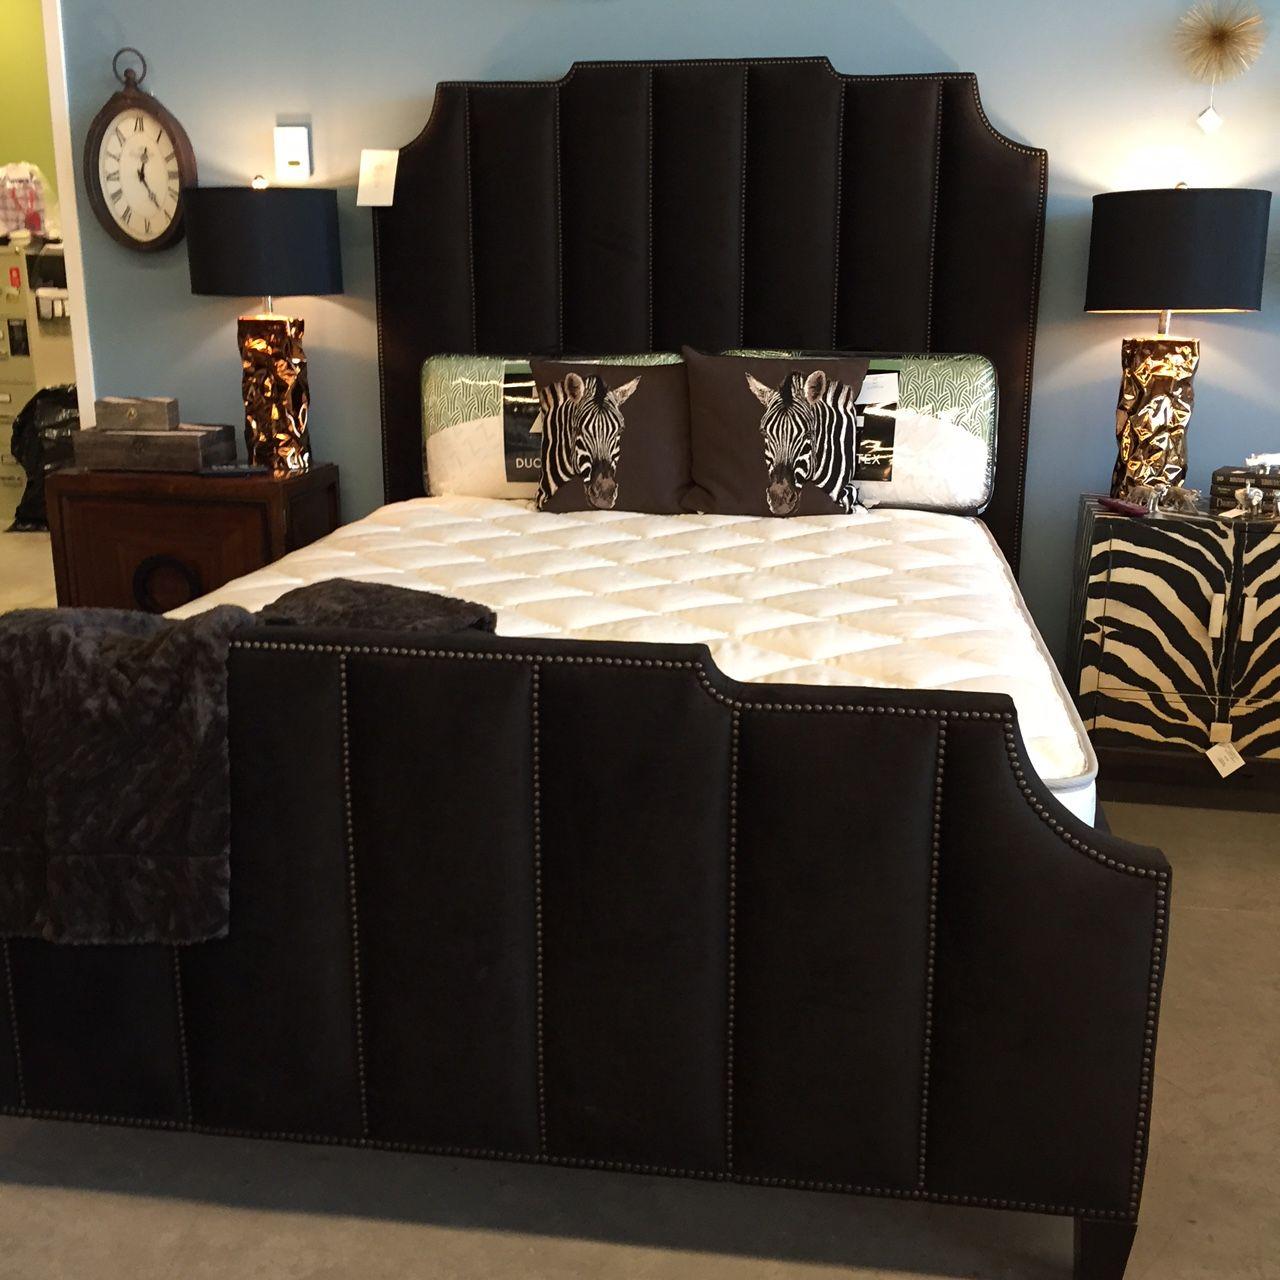 Bernhardt Bayonne Queen Complete Bed: $2164.95